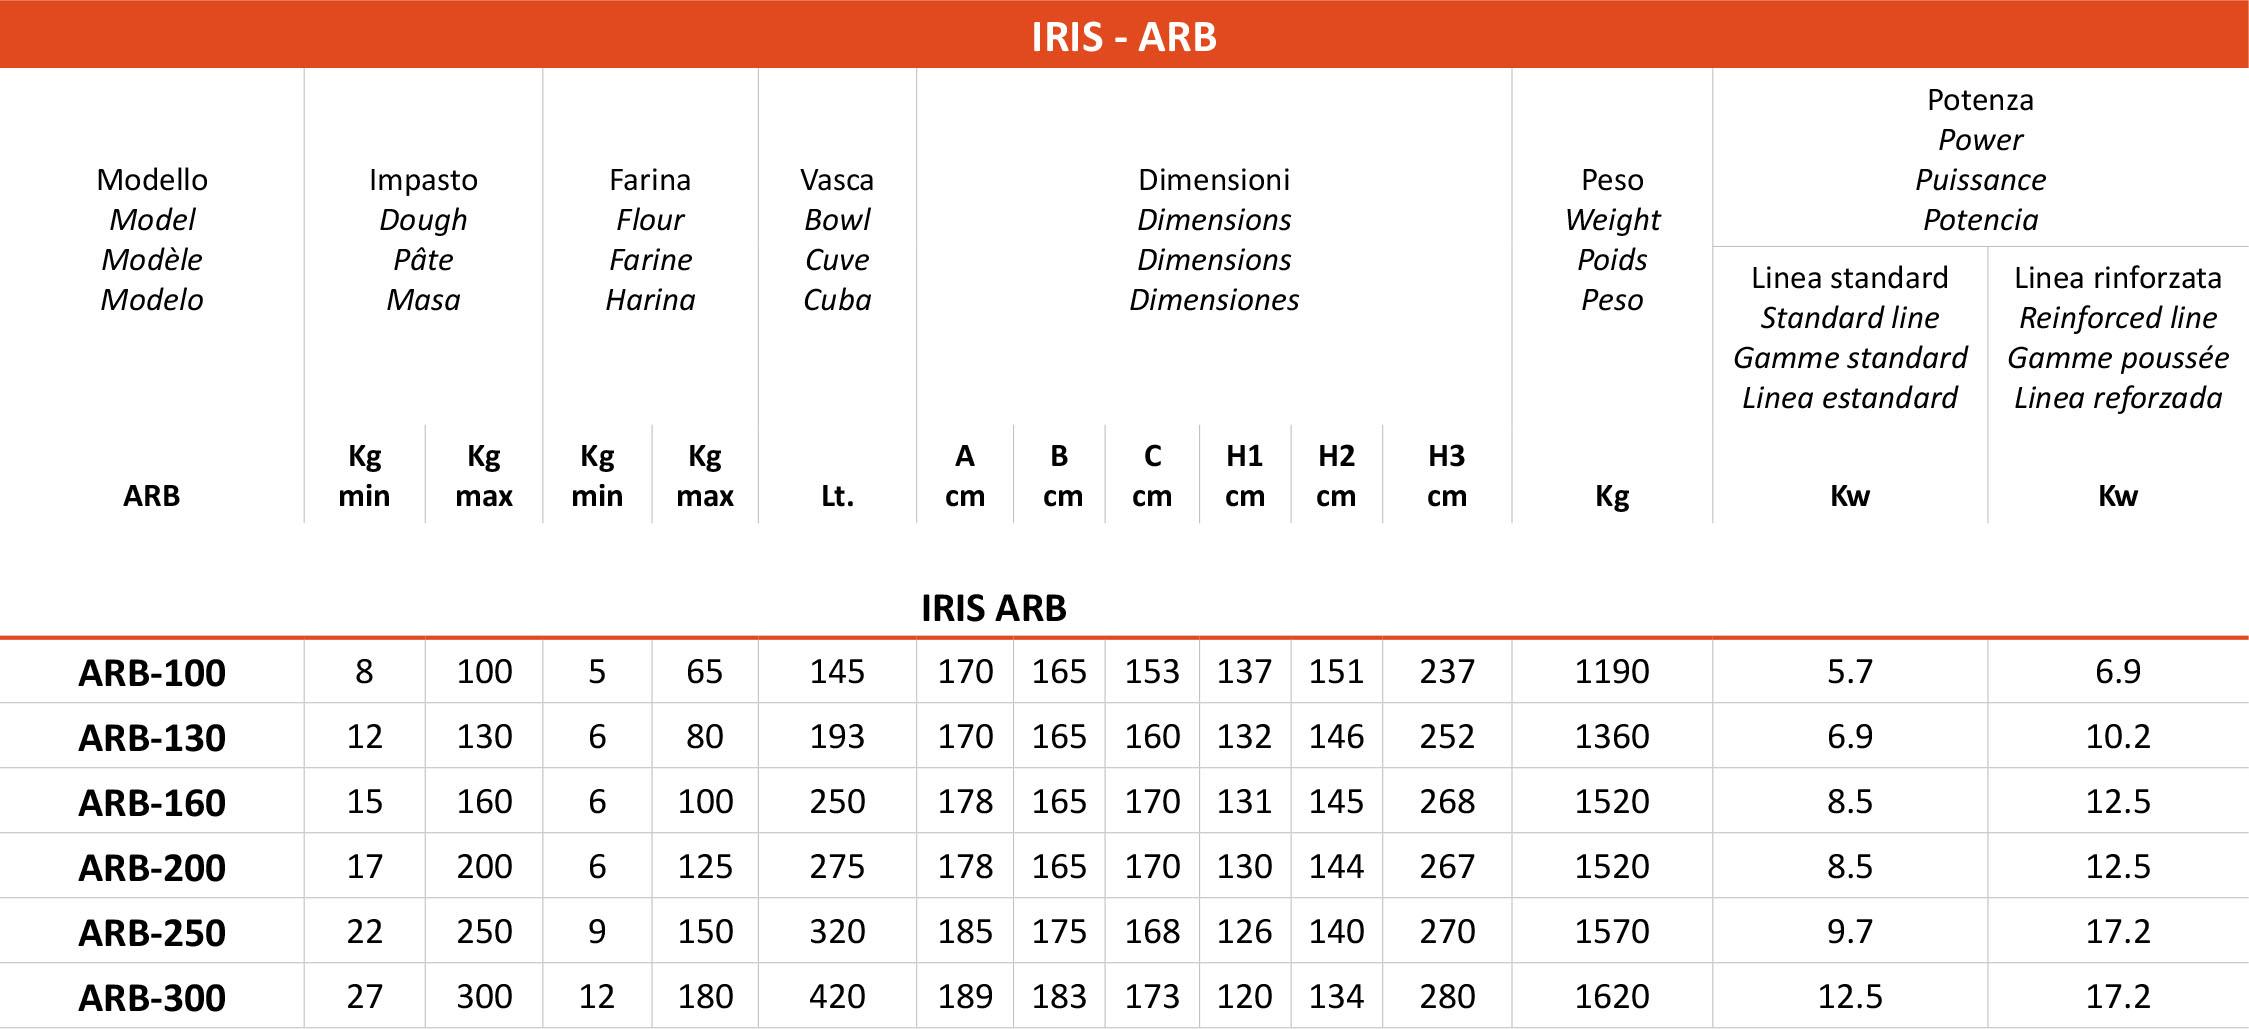 TABELLA IRIS ARB ARS 1 1